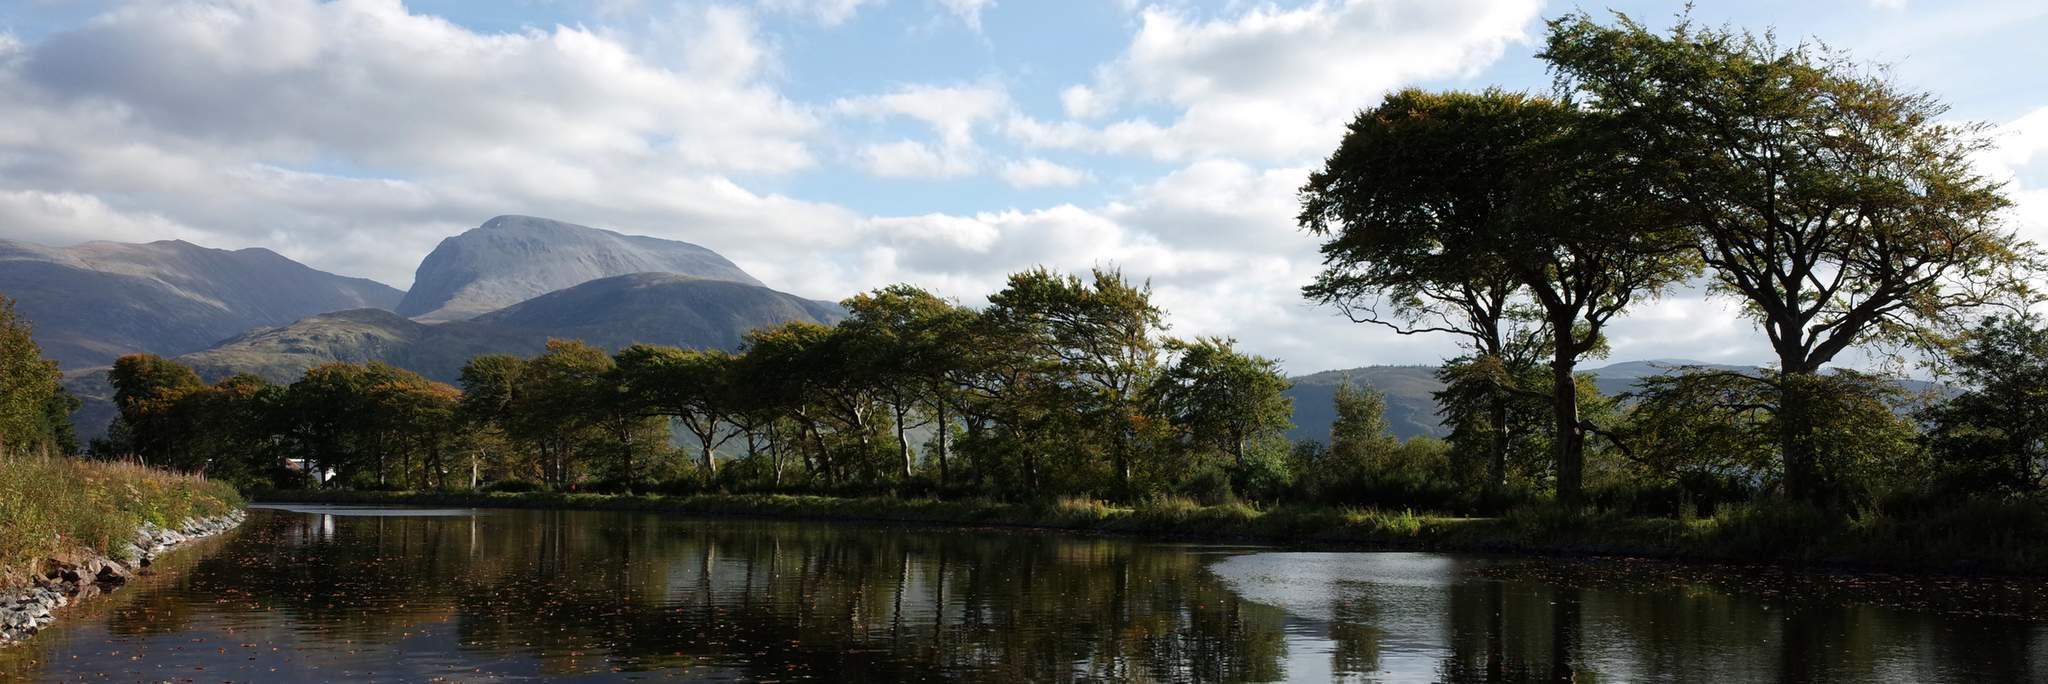 Caledonian Canal & Ben Nevis